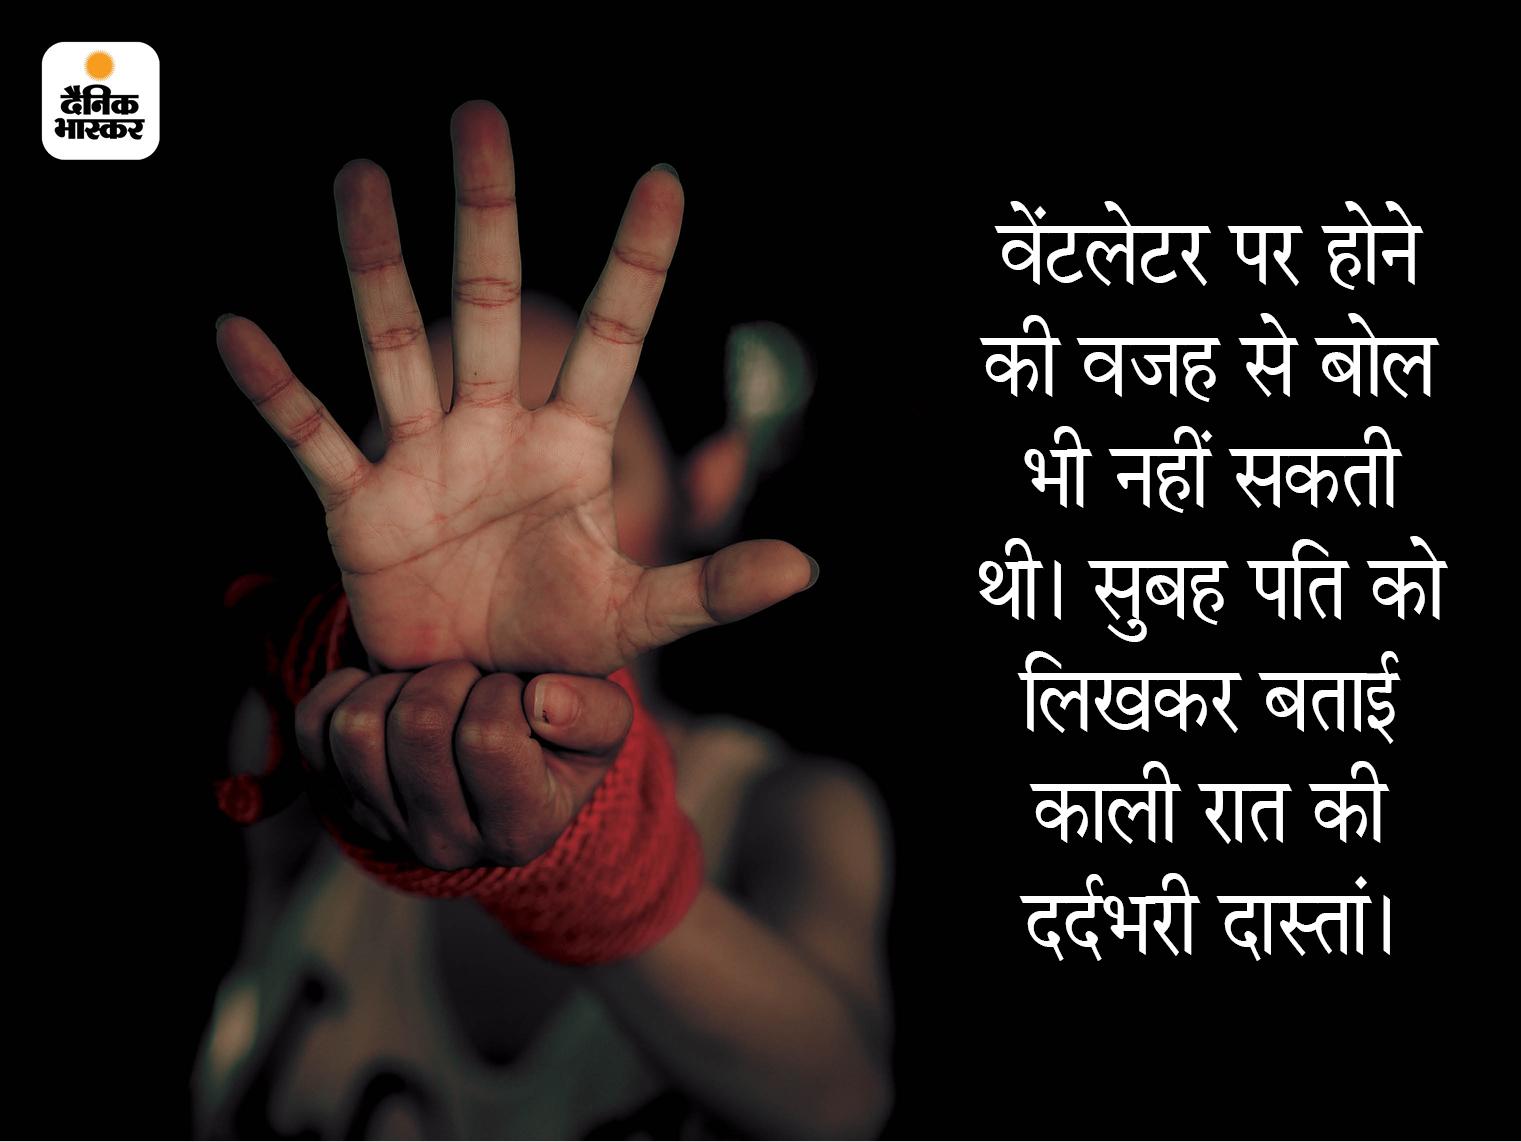 वेंटीलेटर पर थी पीड़िता, मुंह पर ऑक्सीजन मास्क लगा था, हाथ बंधे थे और वार्ड बॉय रातभर करता रहा अश्लीलता|जयपुर,Jaipur - Dainik Bhaskar